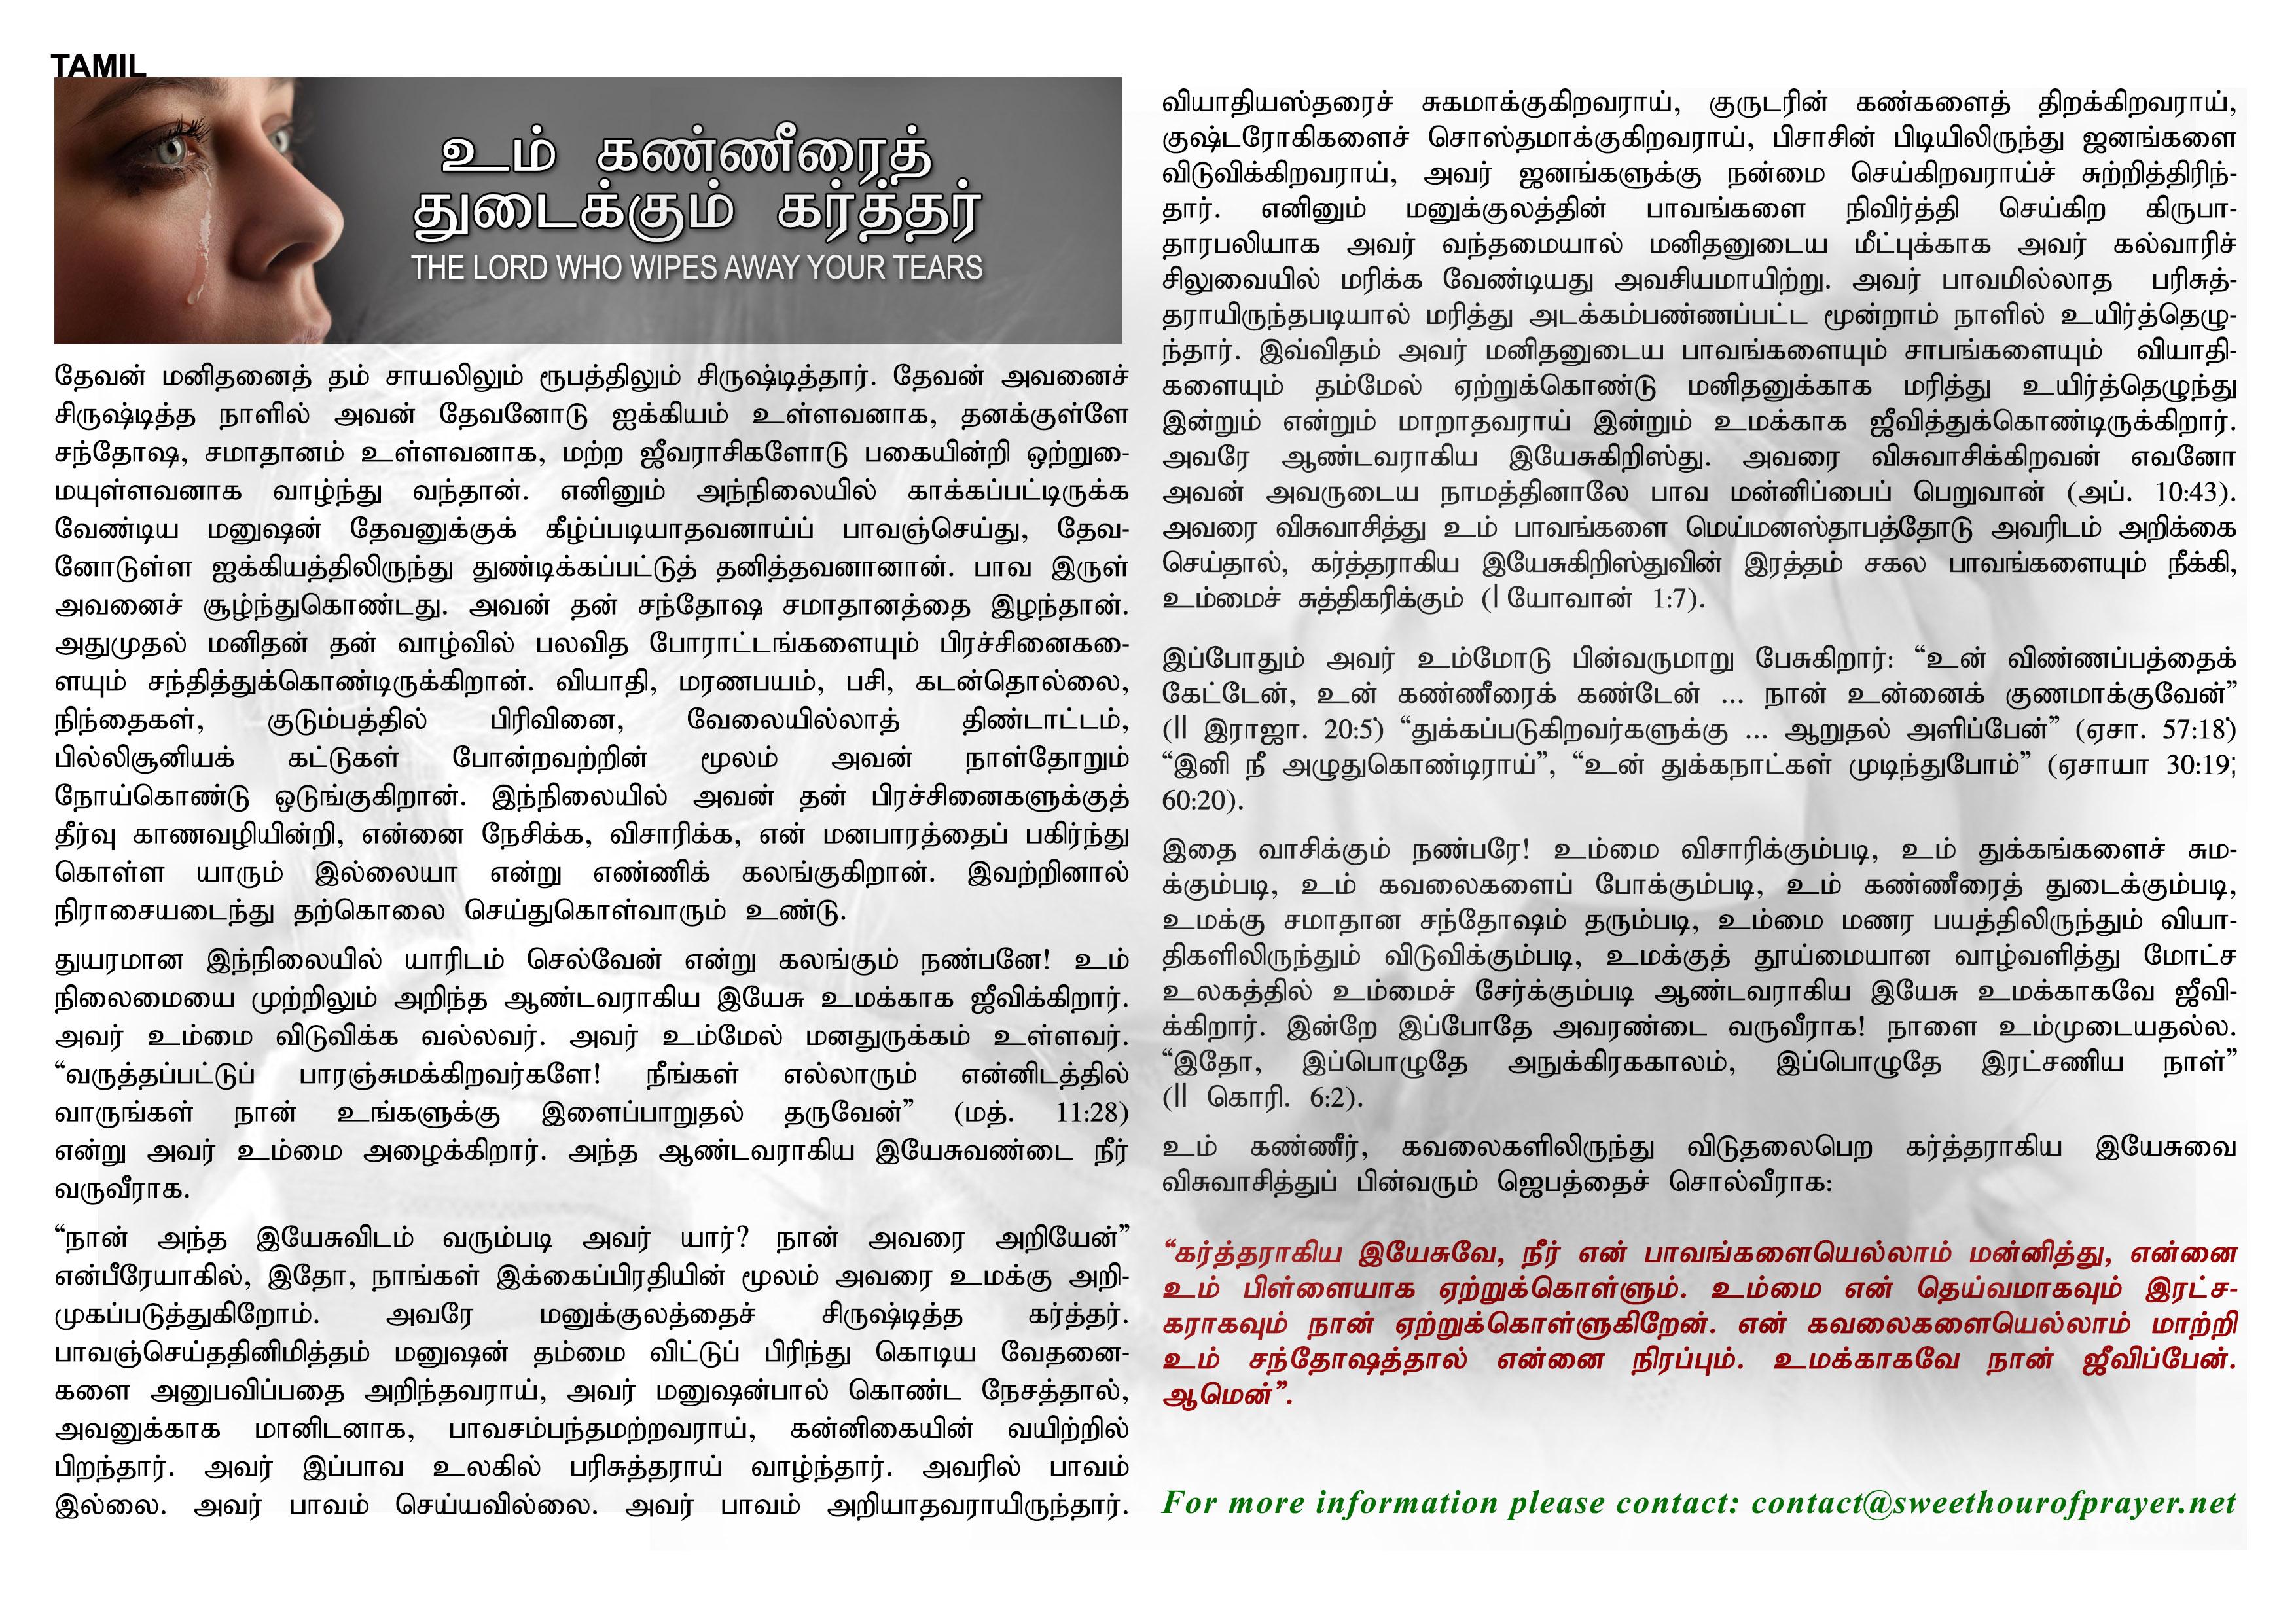 Um kanneerai thudaikum thevan tamil